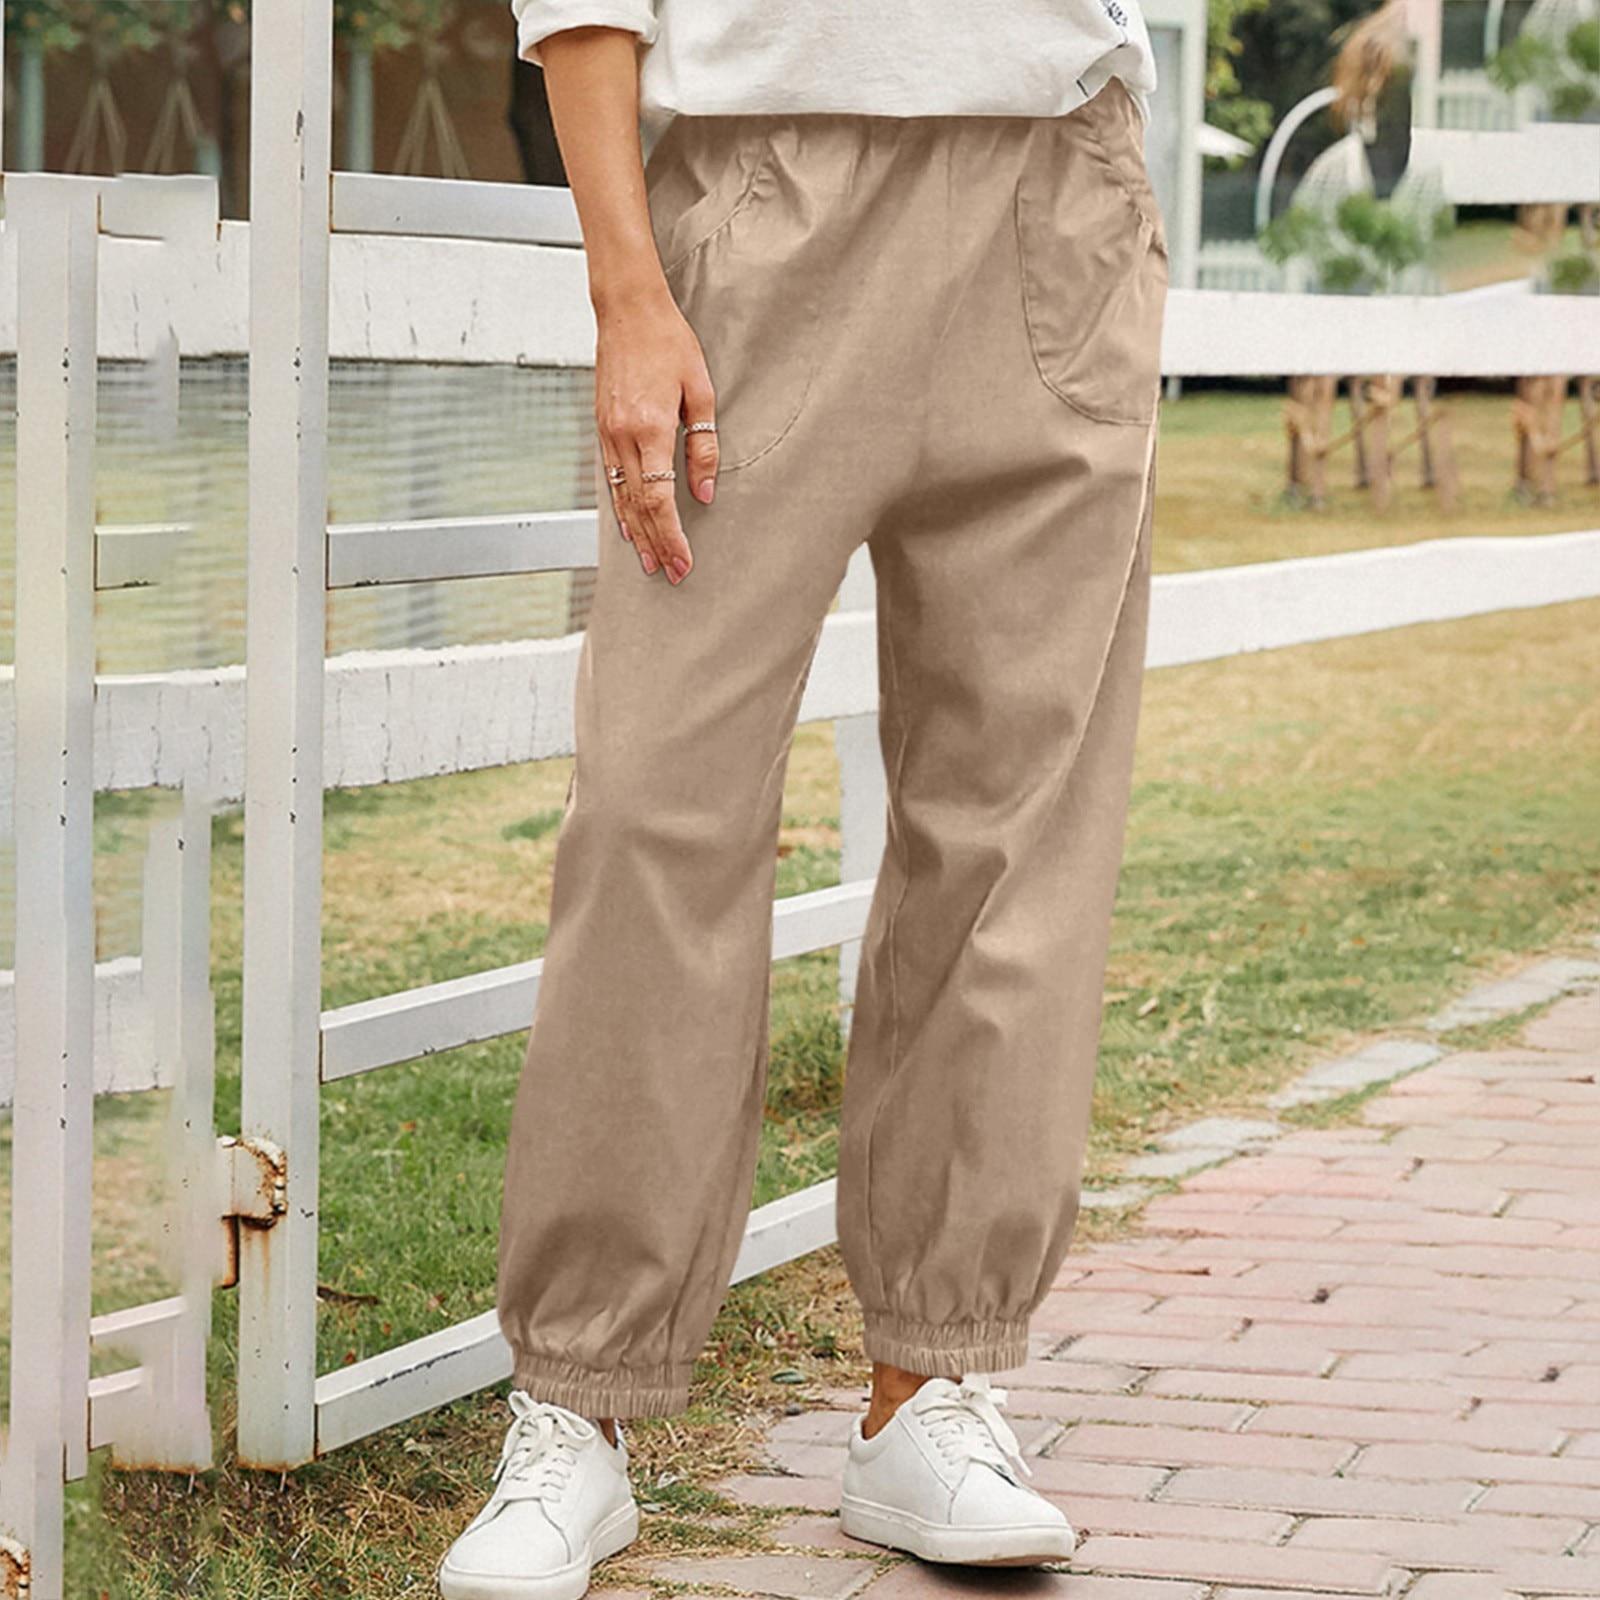 Женские повседневные брюки с карманами, женские уличные брюки с высокой талией, женские комбинезоны 2021 с эластичным поясом, брюки, Джоггеры ...